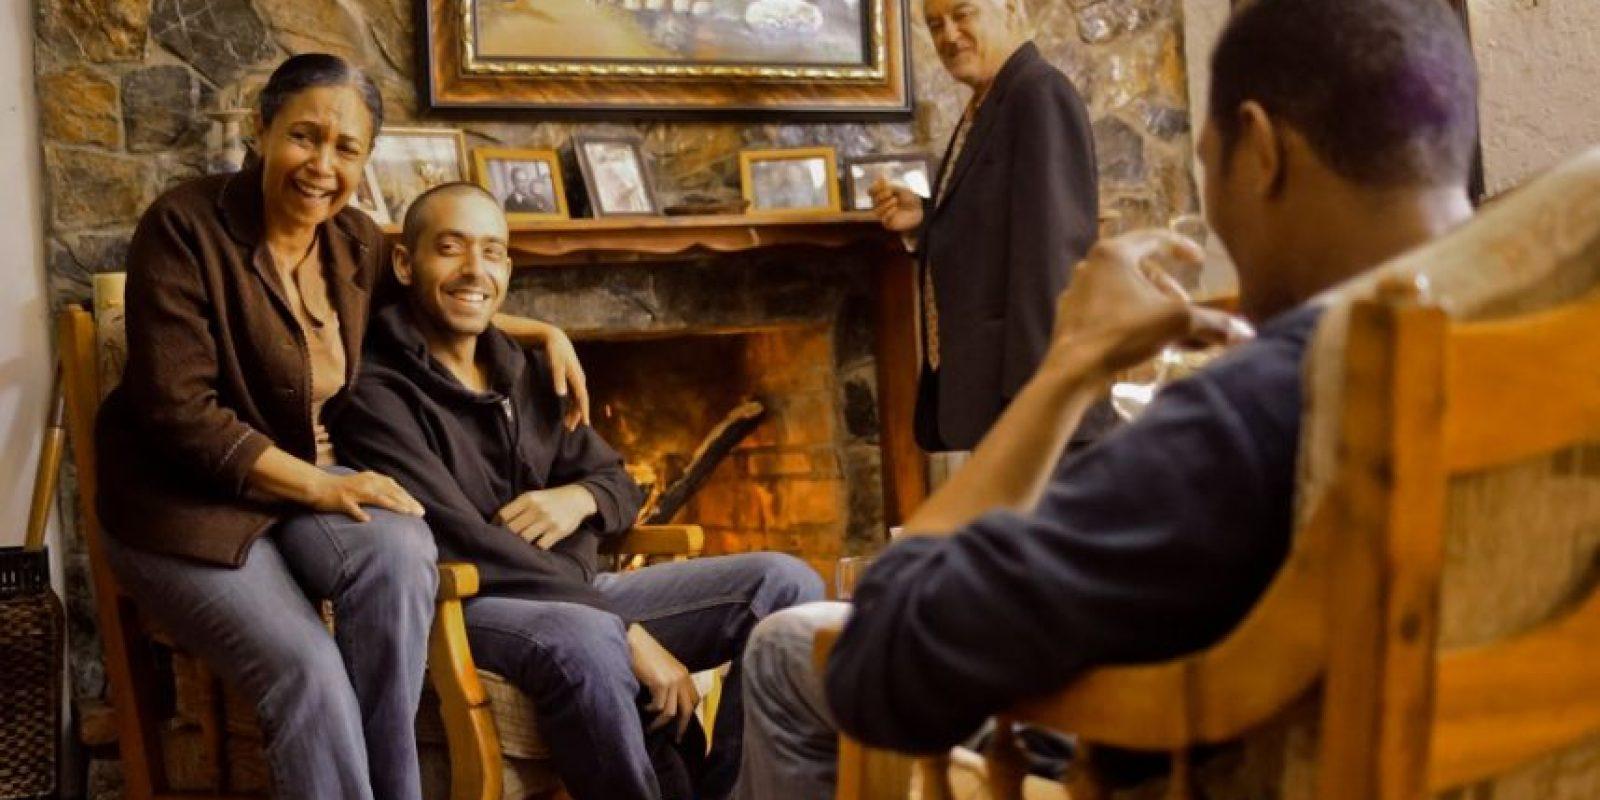 Adalgisa Pantaleón, David Maler, Cuquin Victoria y, de espaldas, Carasaf Sánchez. Foto:Fuente externa